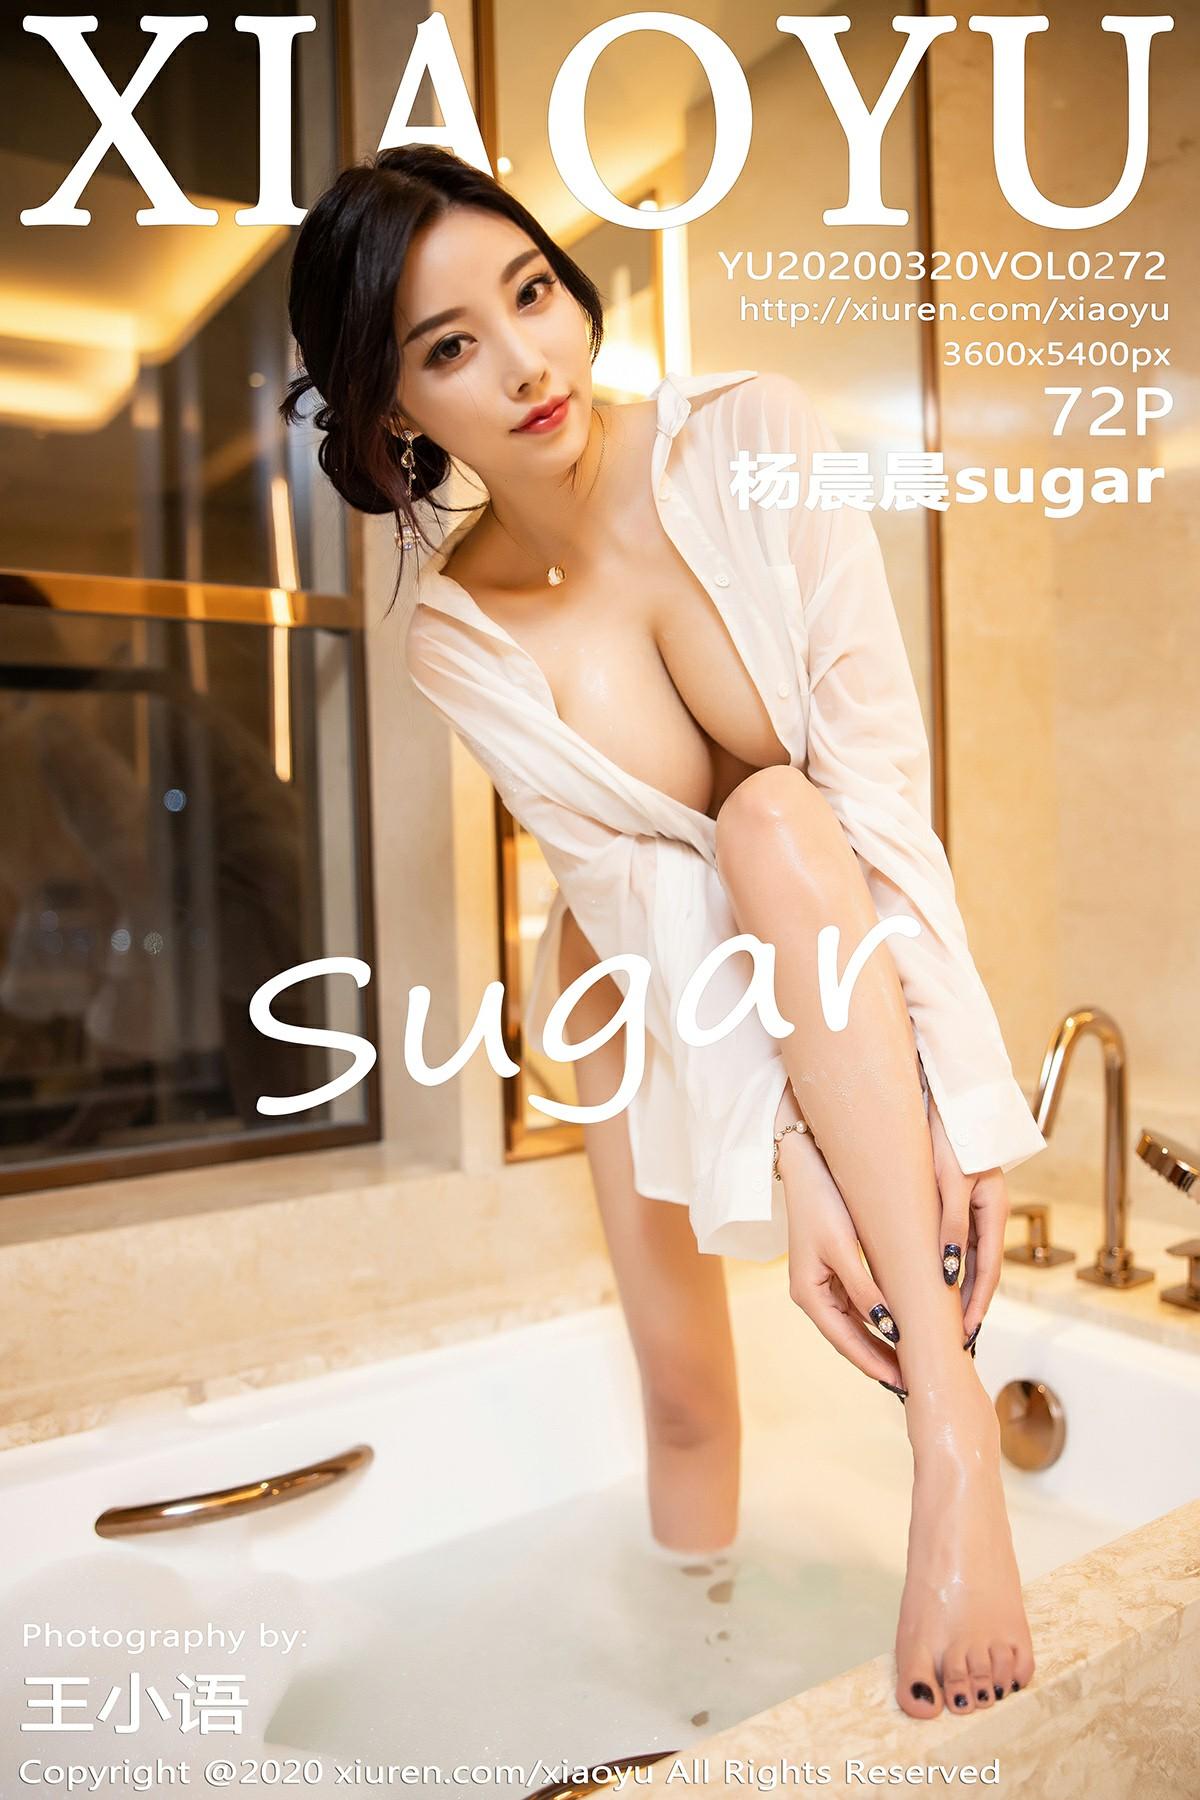 [XIAOYU语画界]2020.03.20 VOL.272 杨晨晨sugar[73P] 语画界 第1张